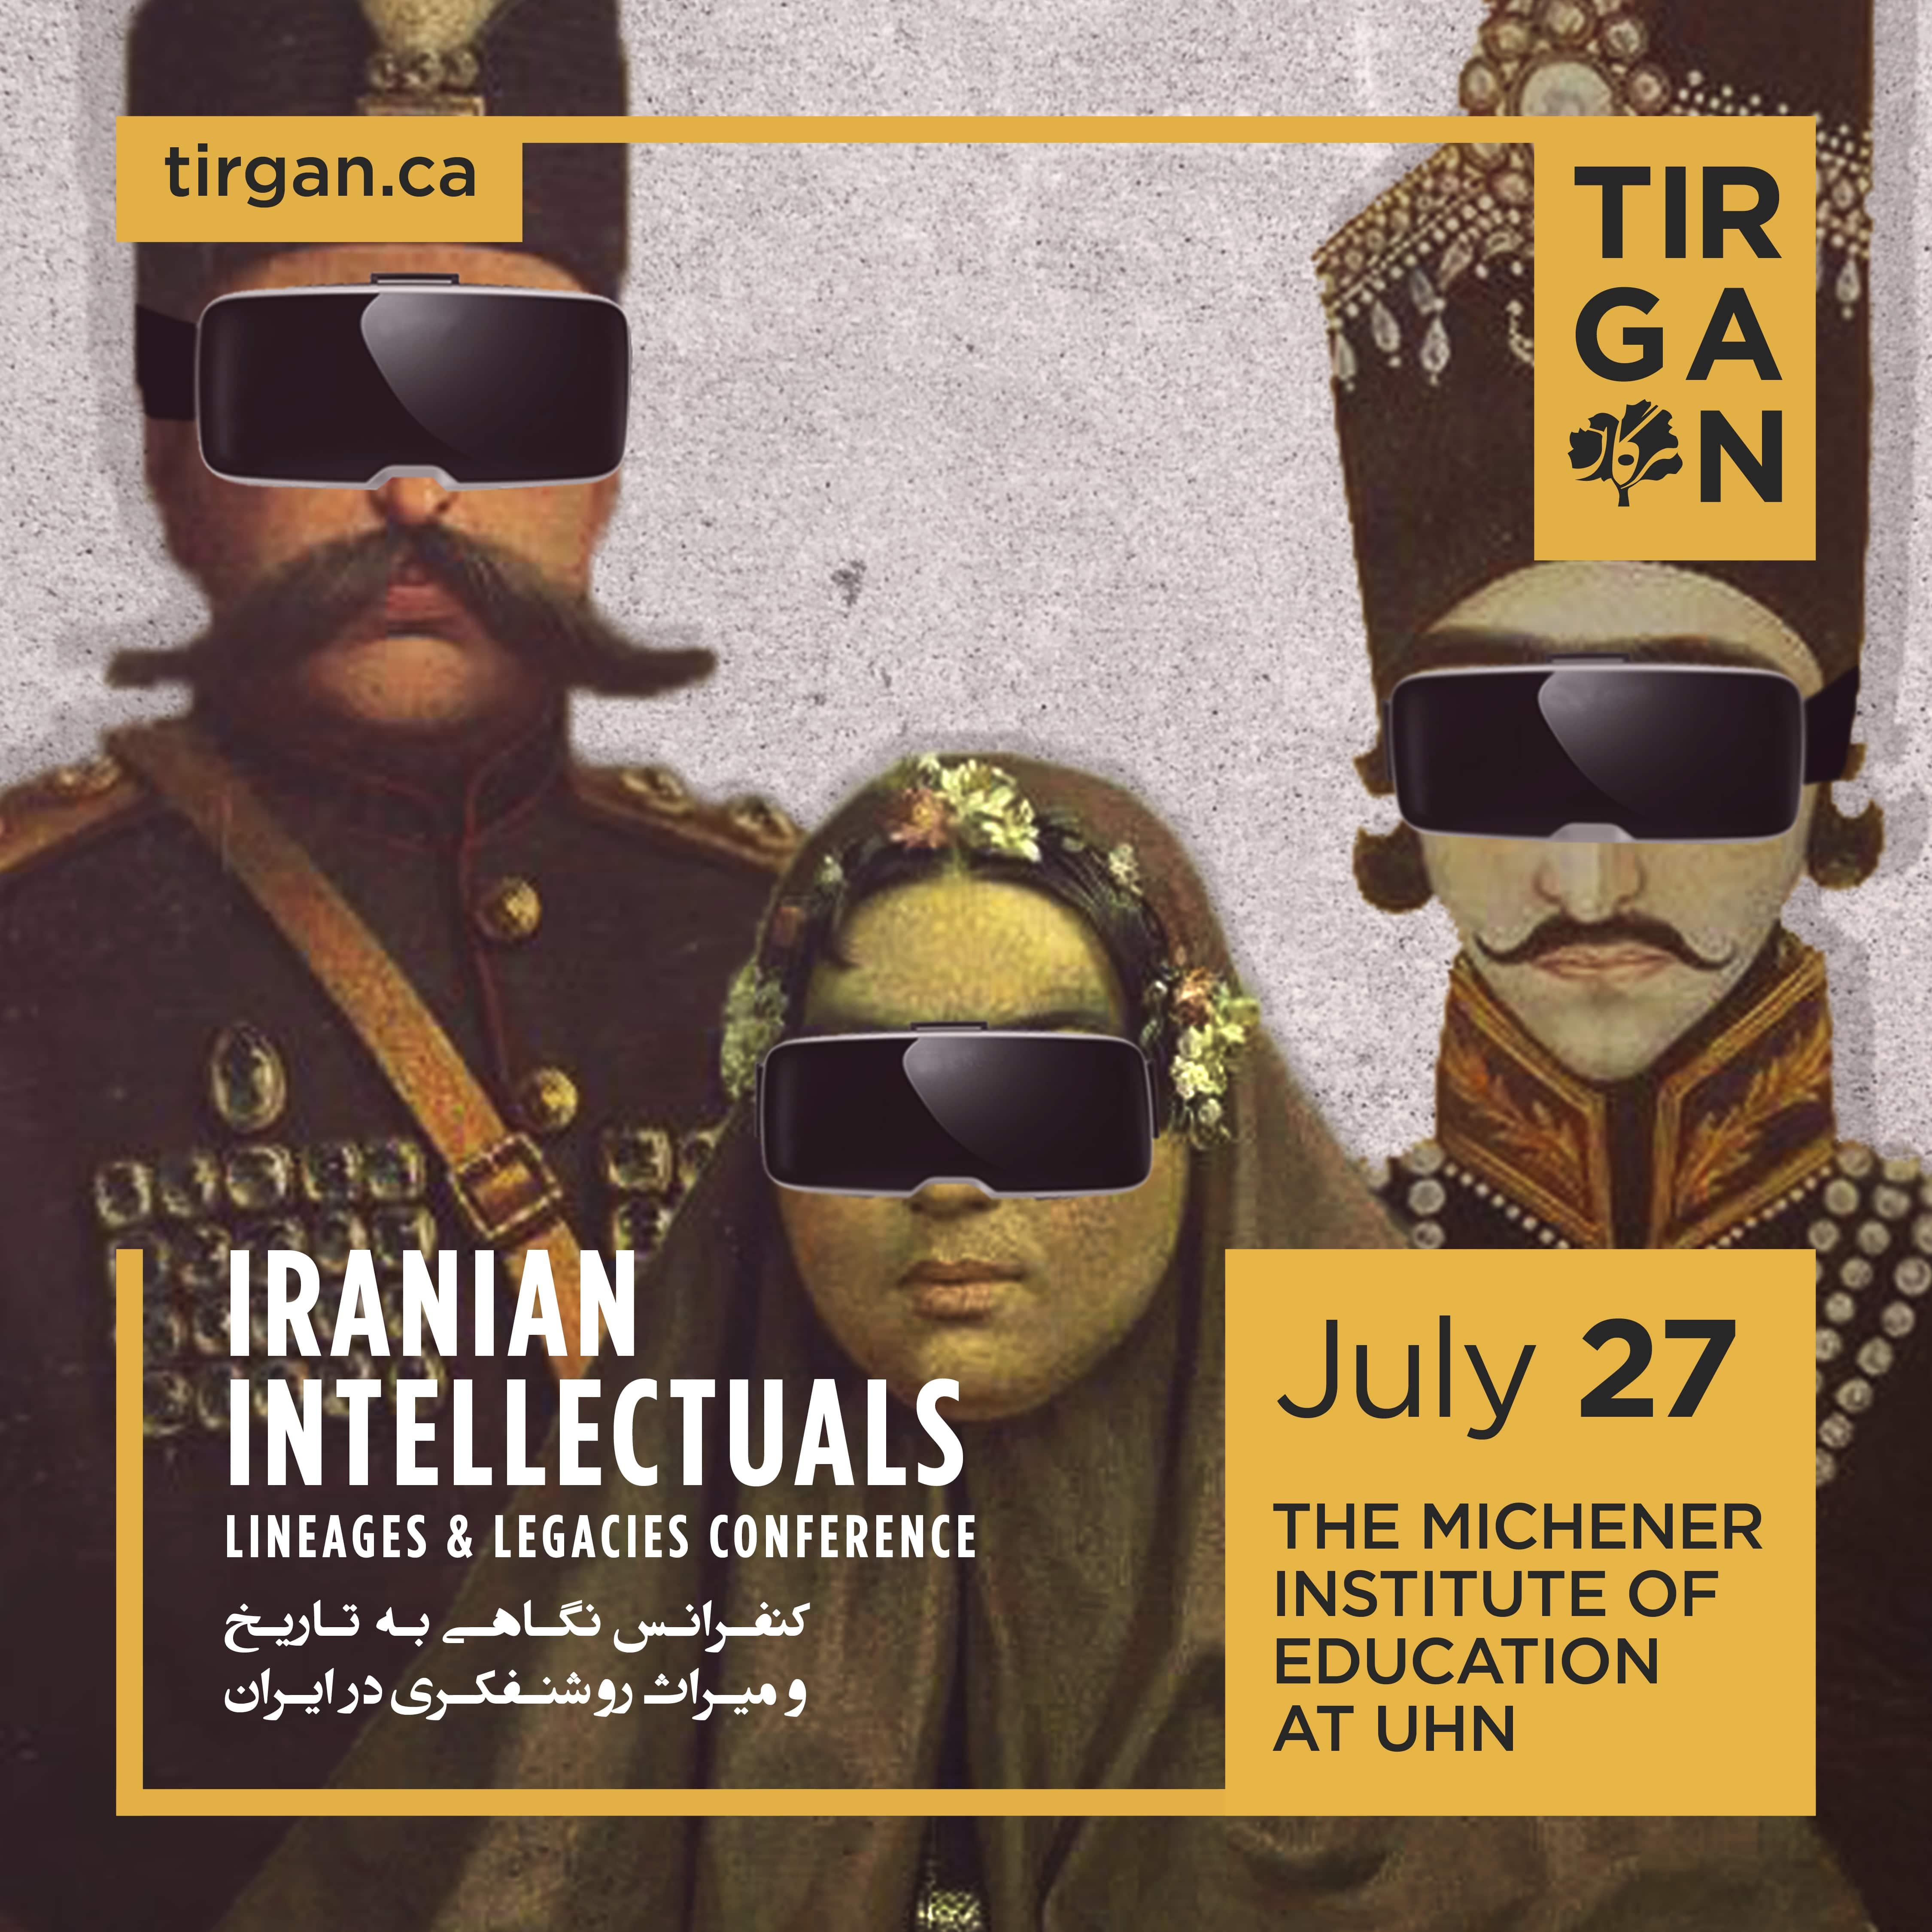 کنفرانس تاریخچه روشتفکری در ایران